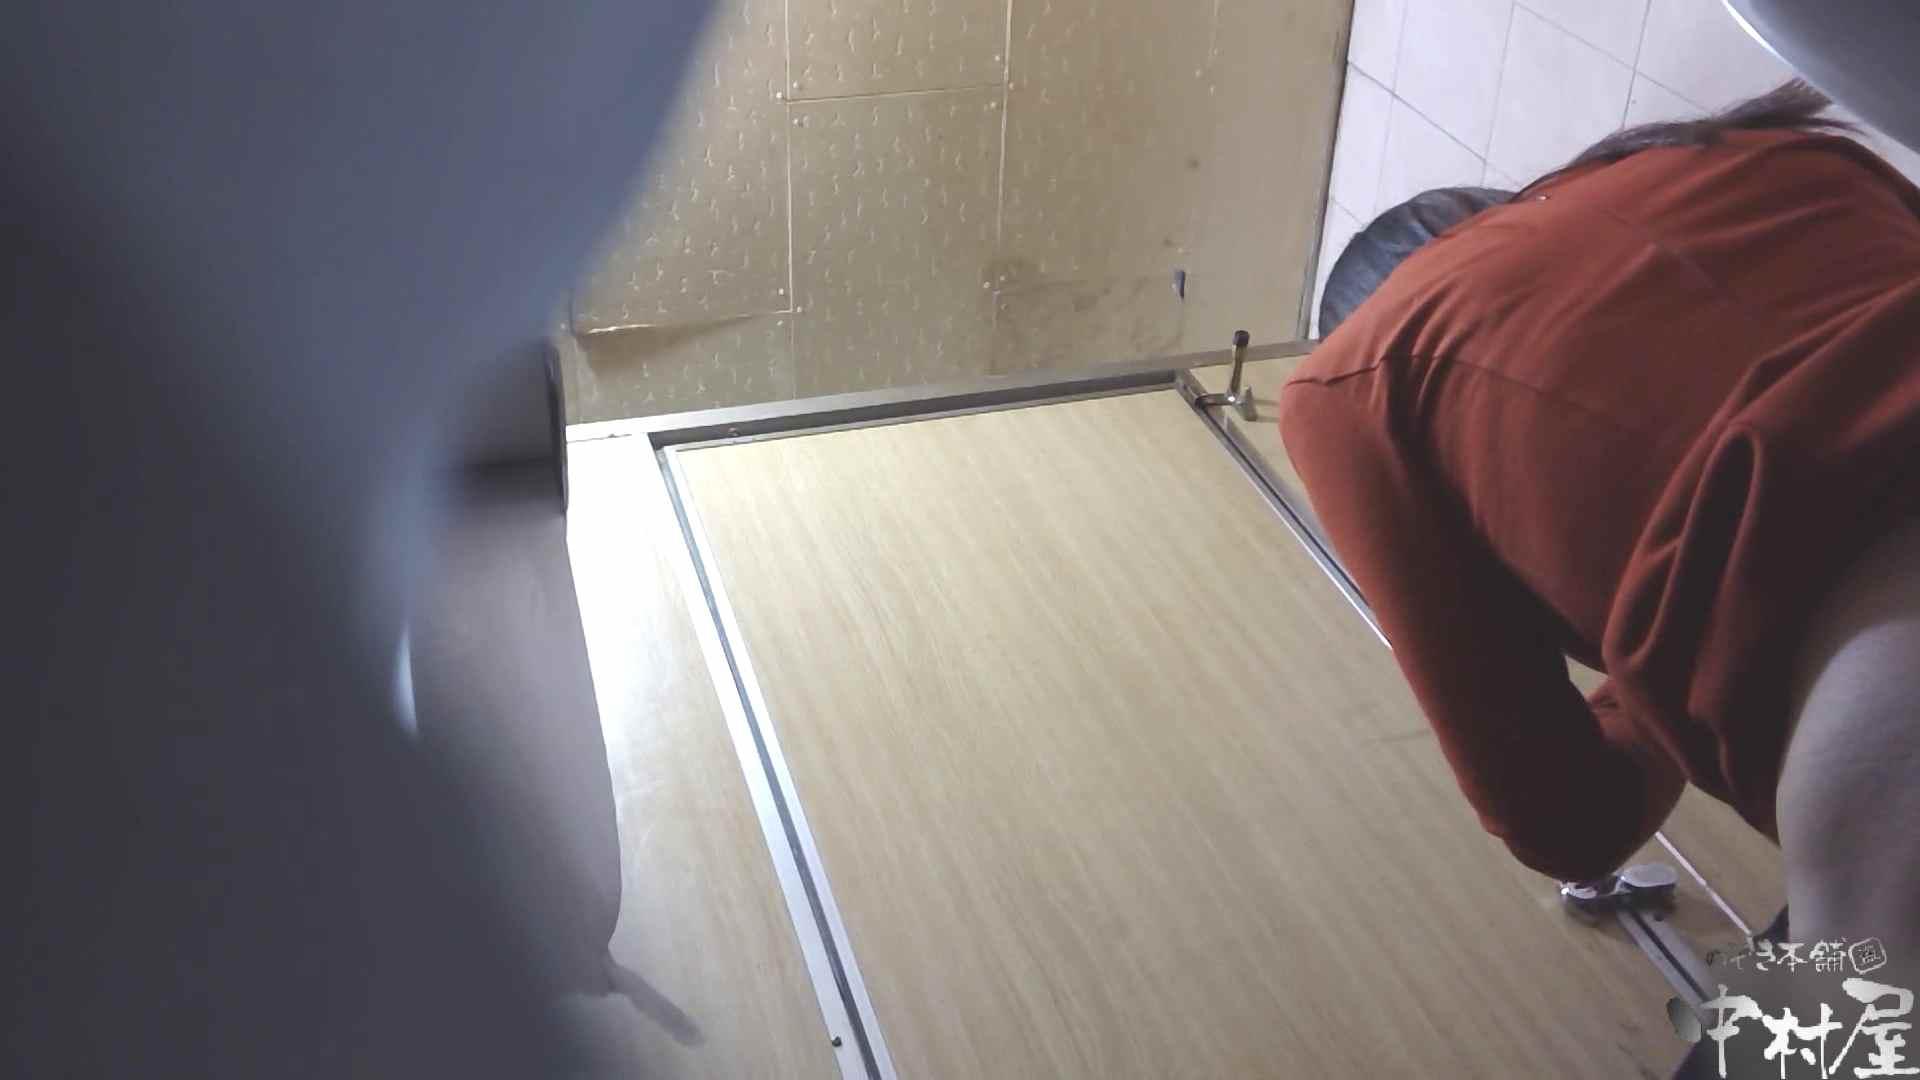 韓流トイレ盗撮vol.12 OLエロ画像 盗み撮りオマンコ動画キャプチャ 45PICs 44